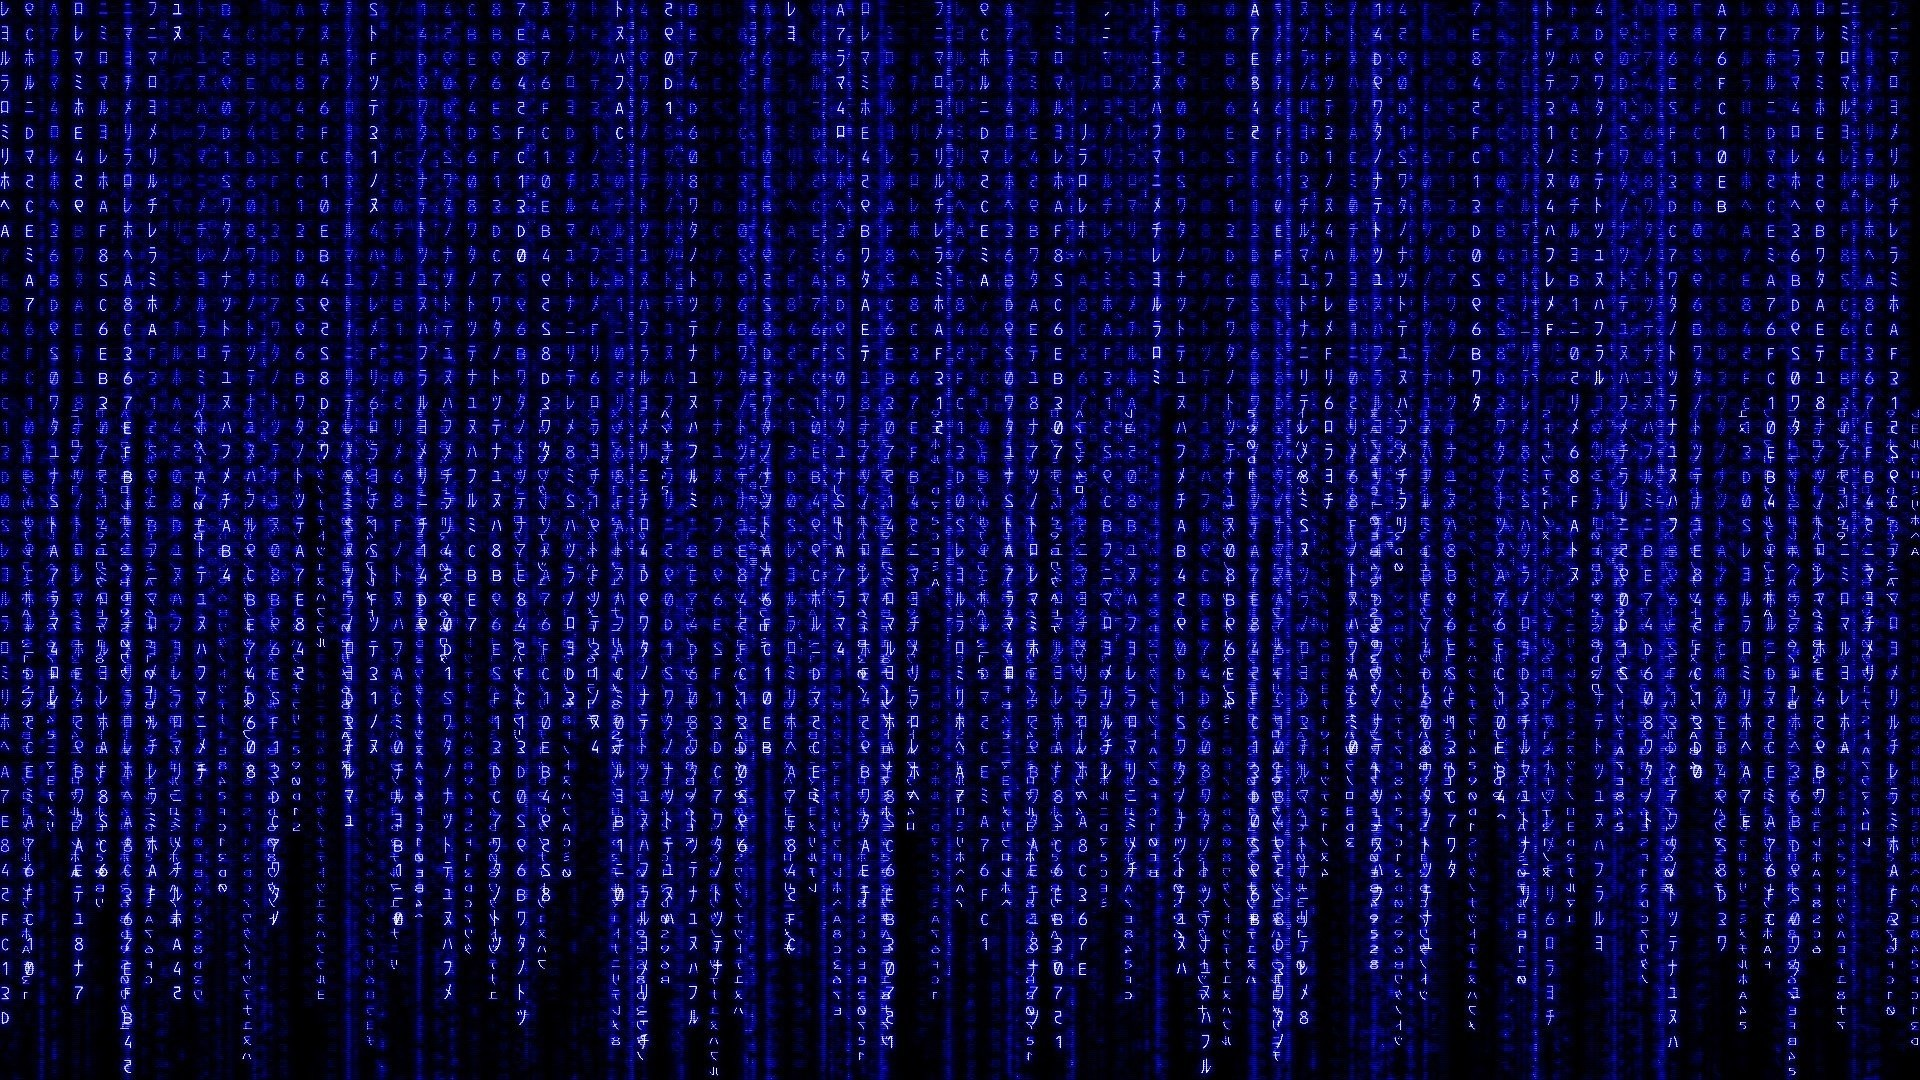 Falling Matrix Wallpaper Matrix Code Wallpaper Hd 65 Images